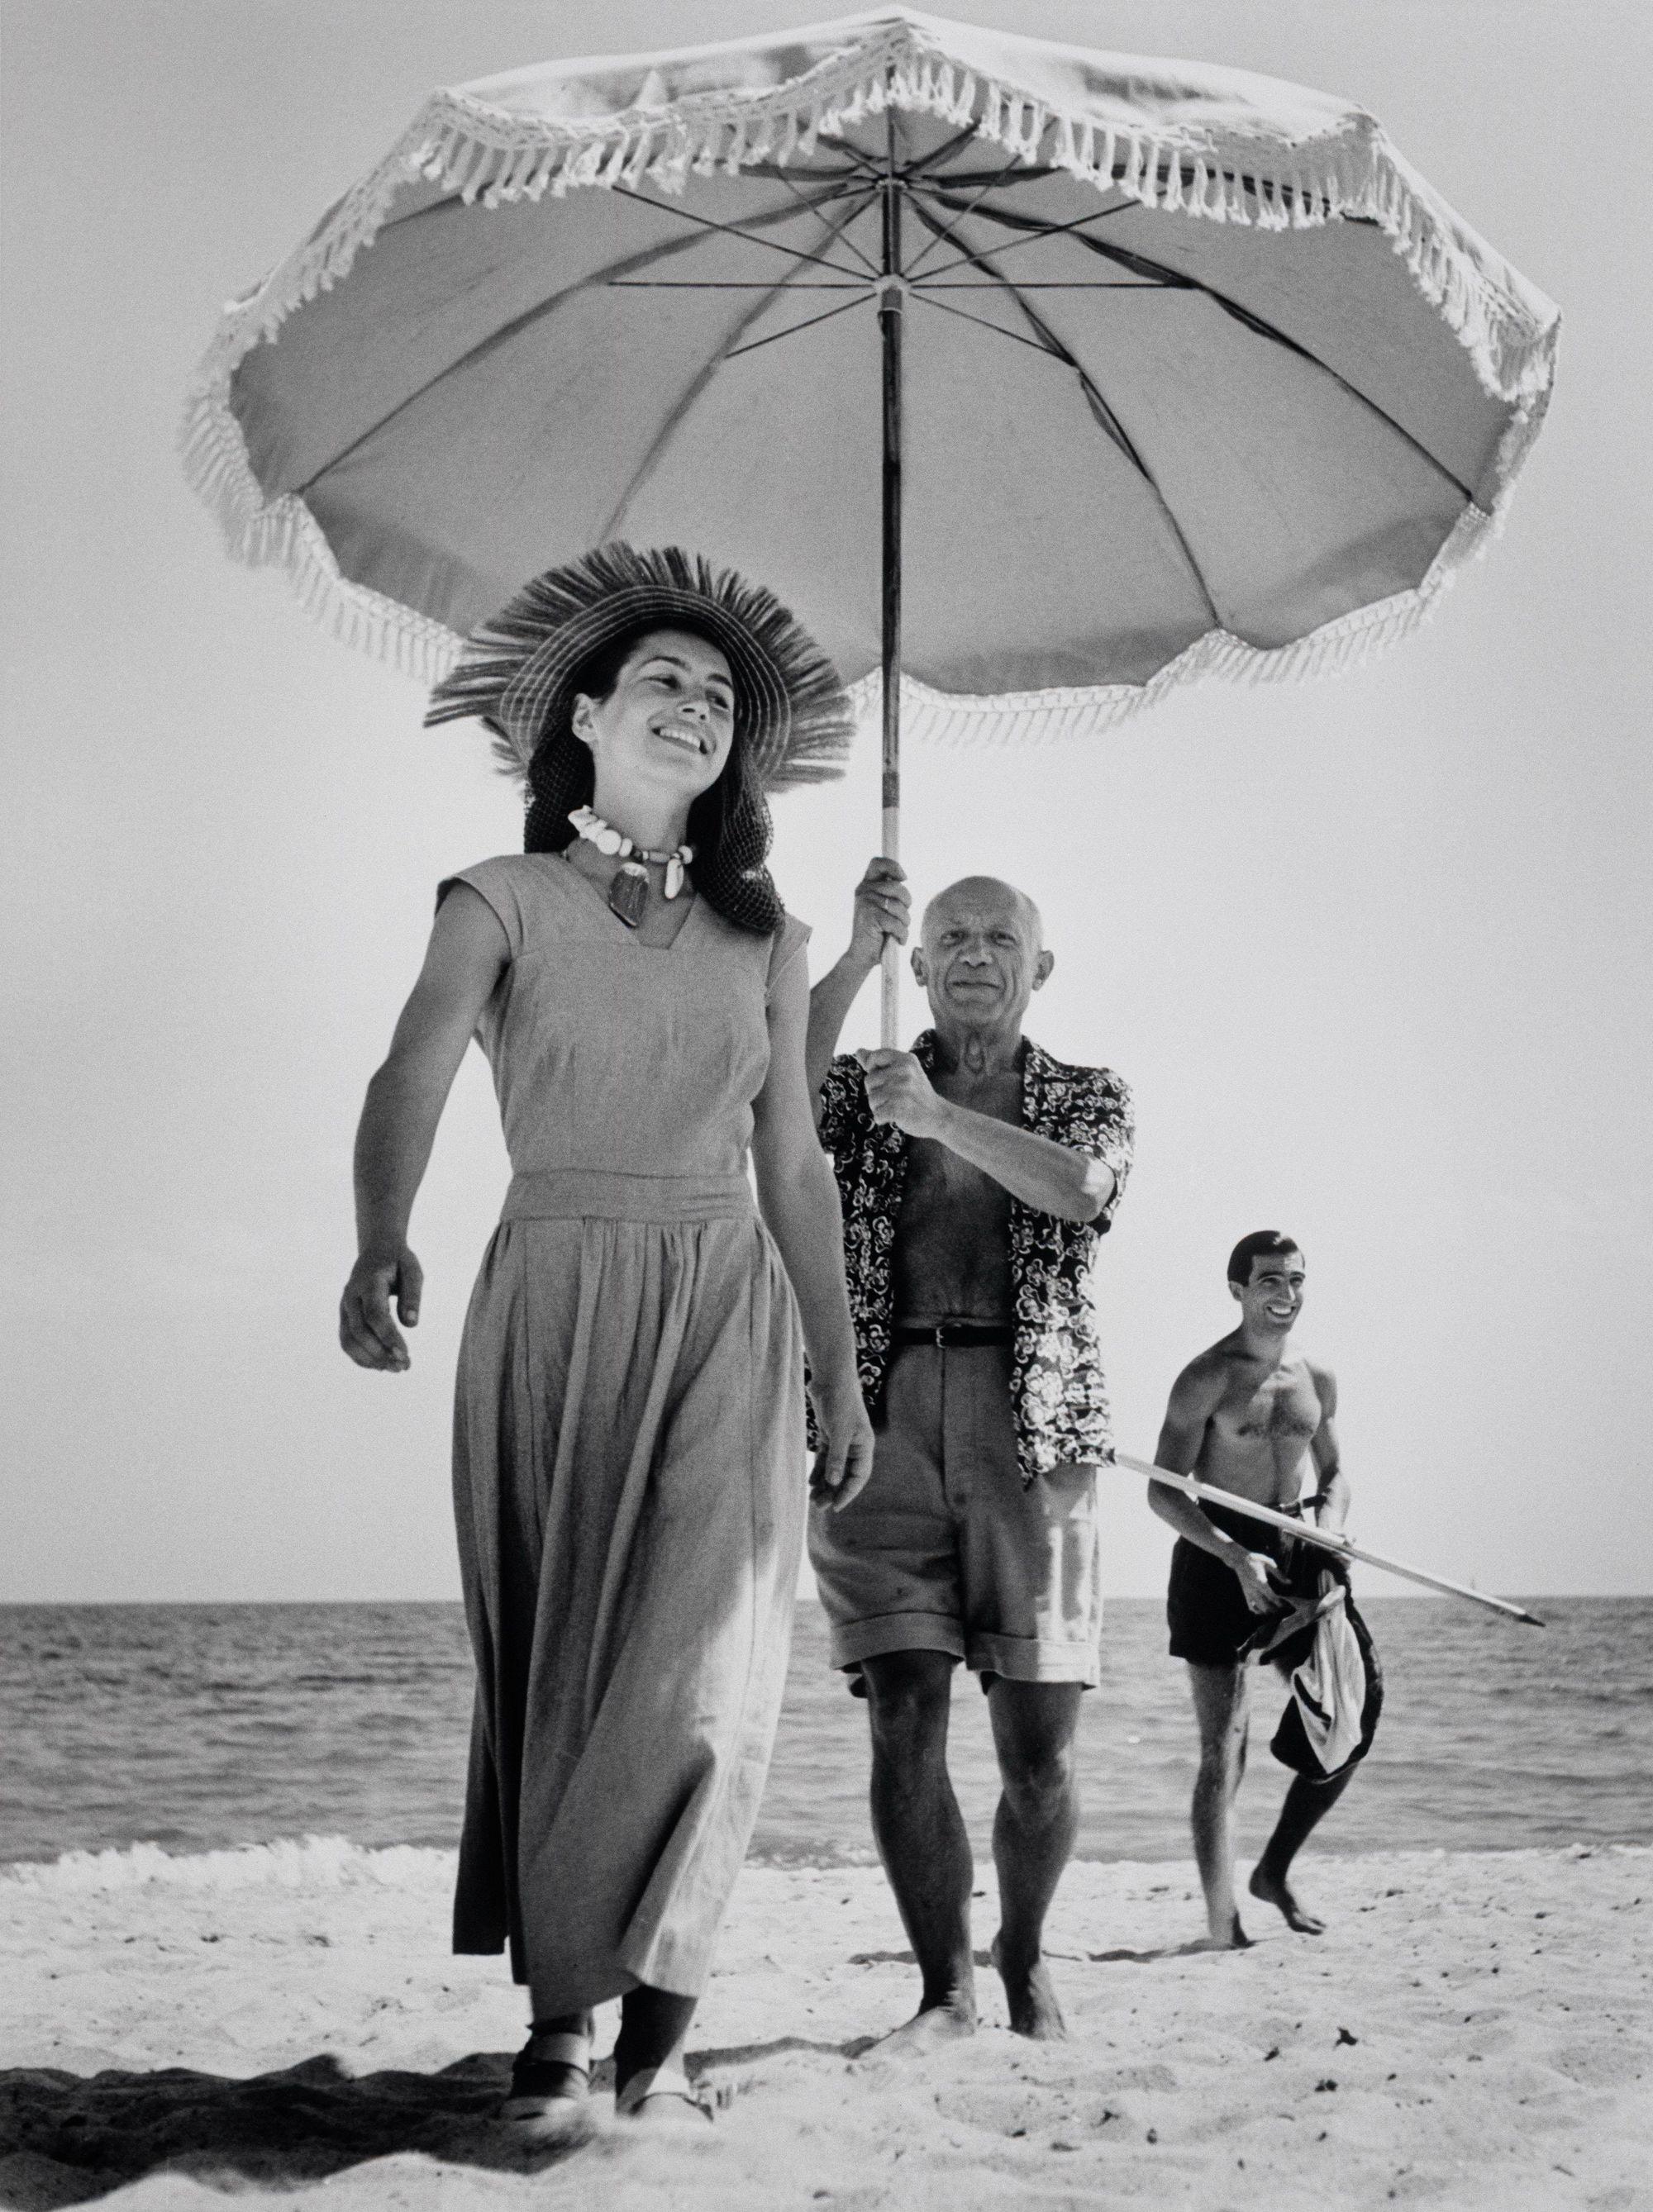 художник, дама, пляж